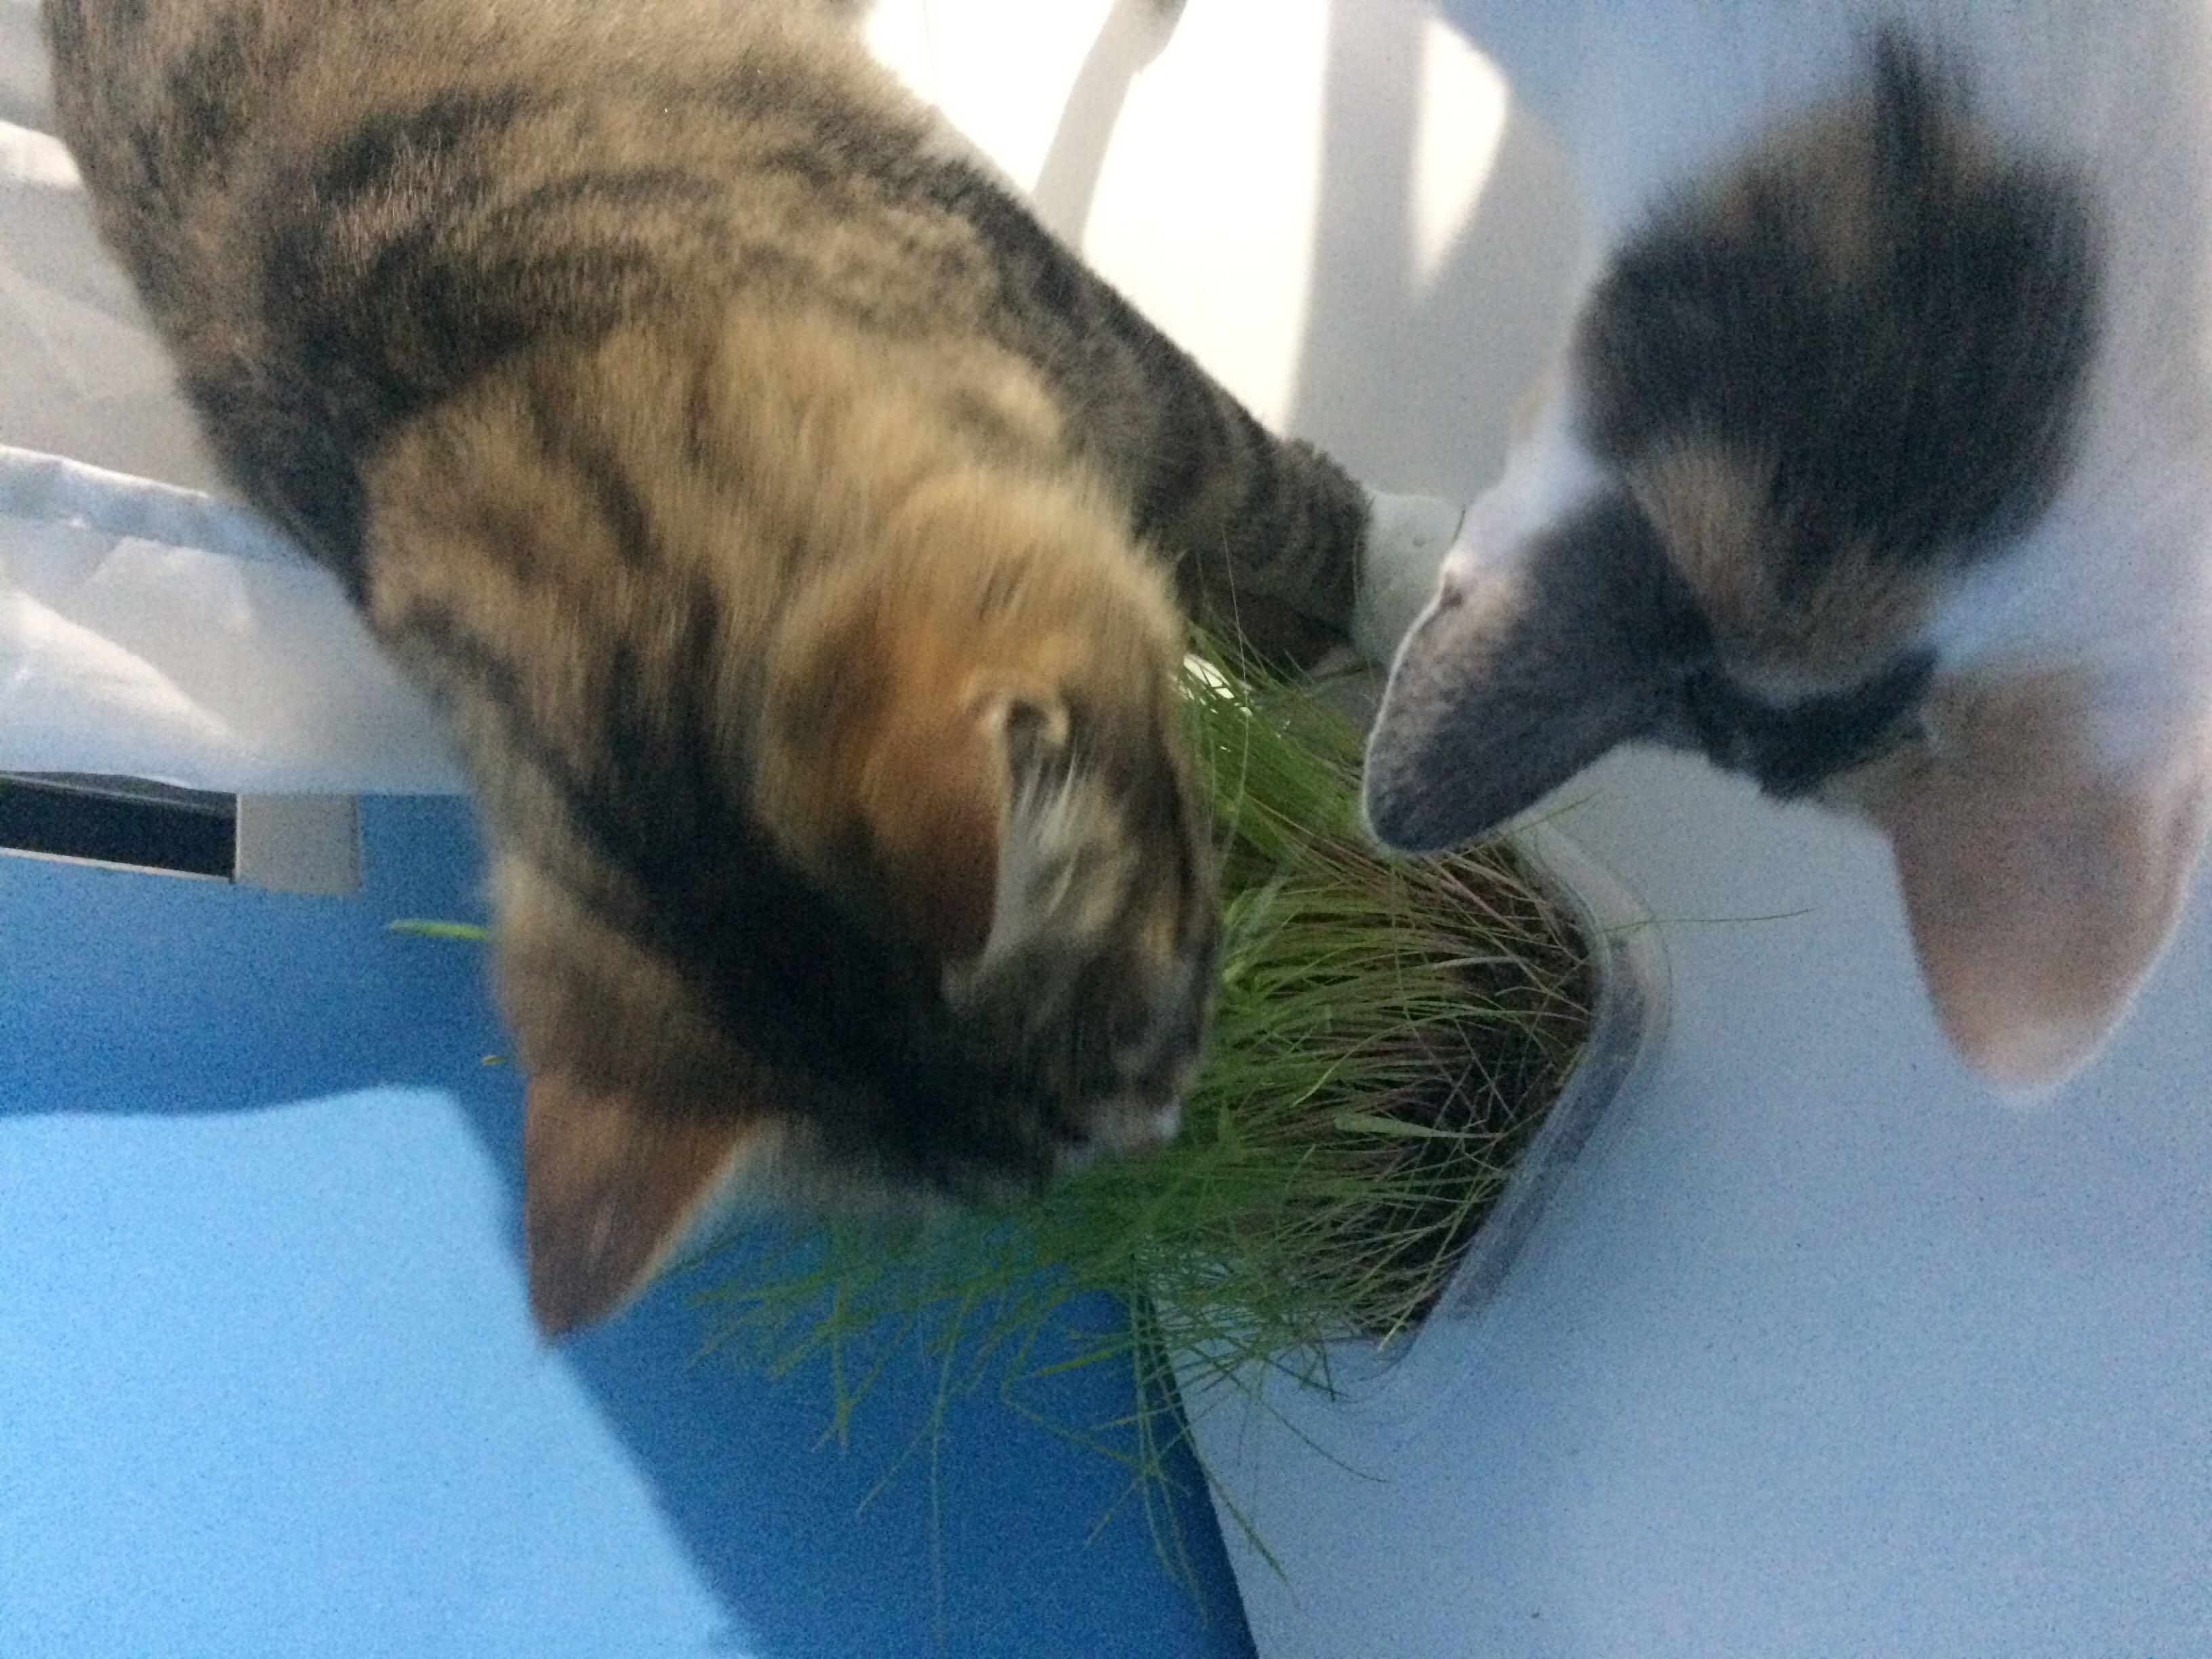 Brincando com o Capim de gatinhos 🤩